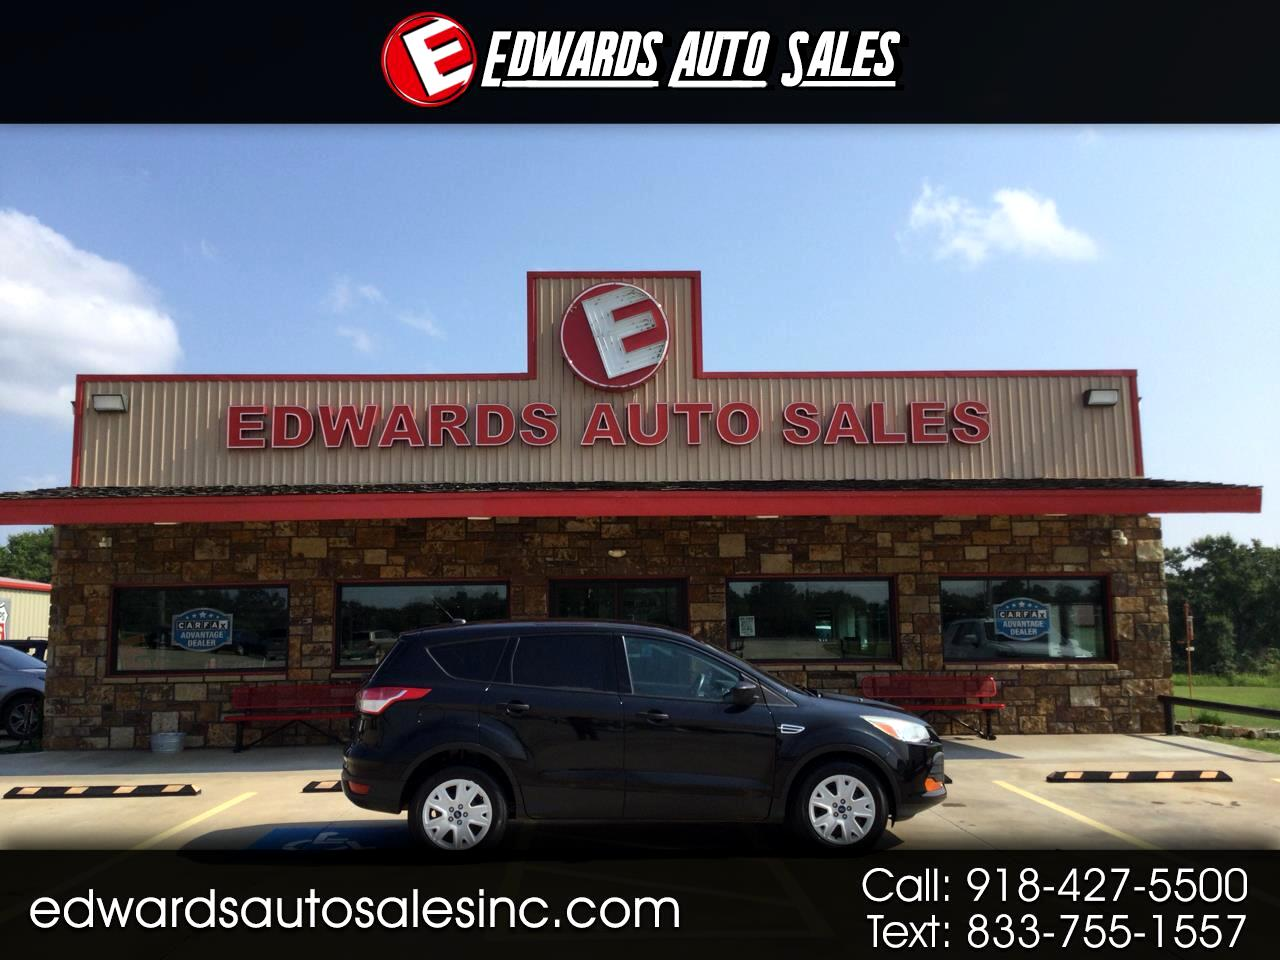 Ford Escape FWD 4dr S 2013